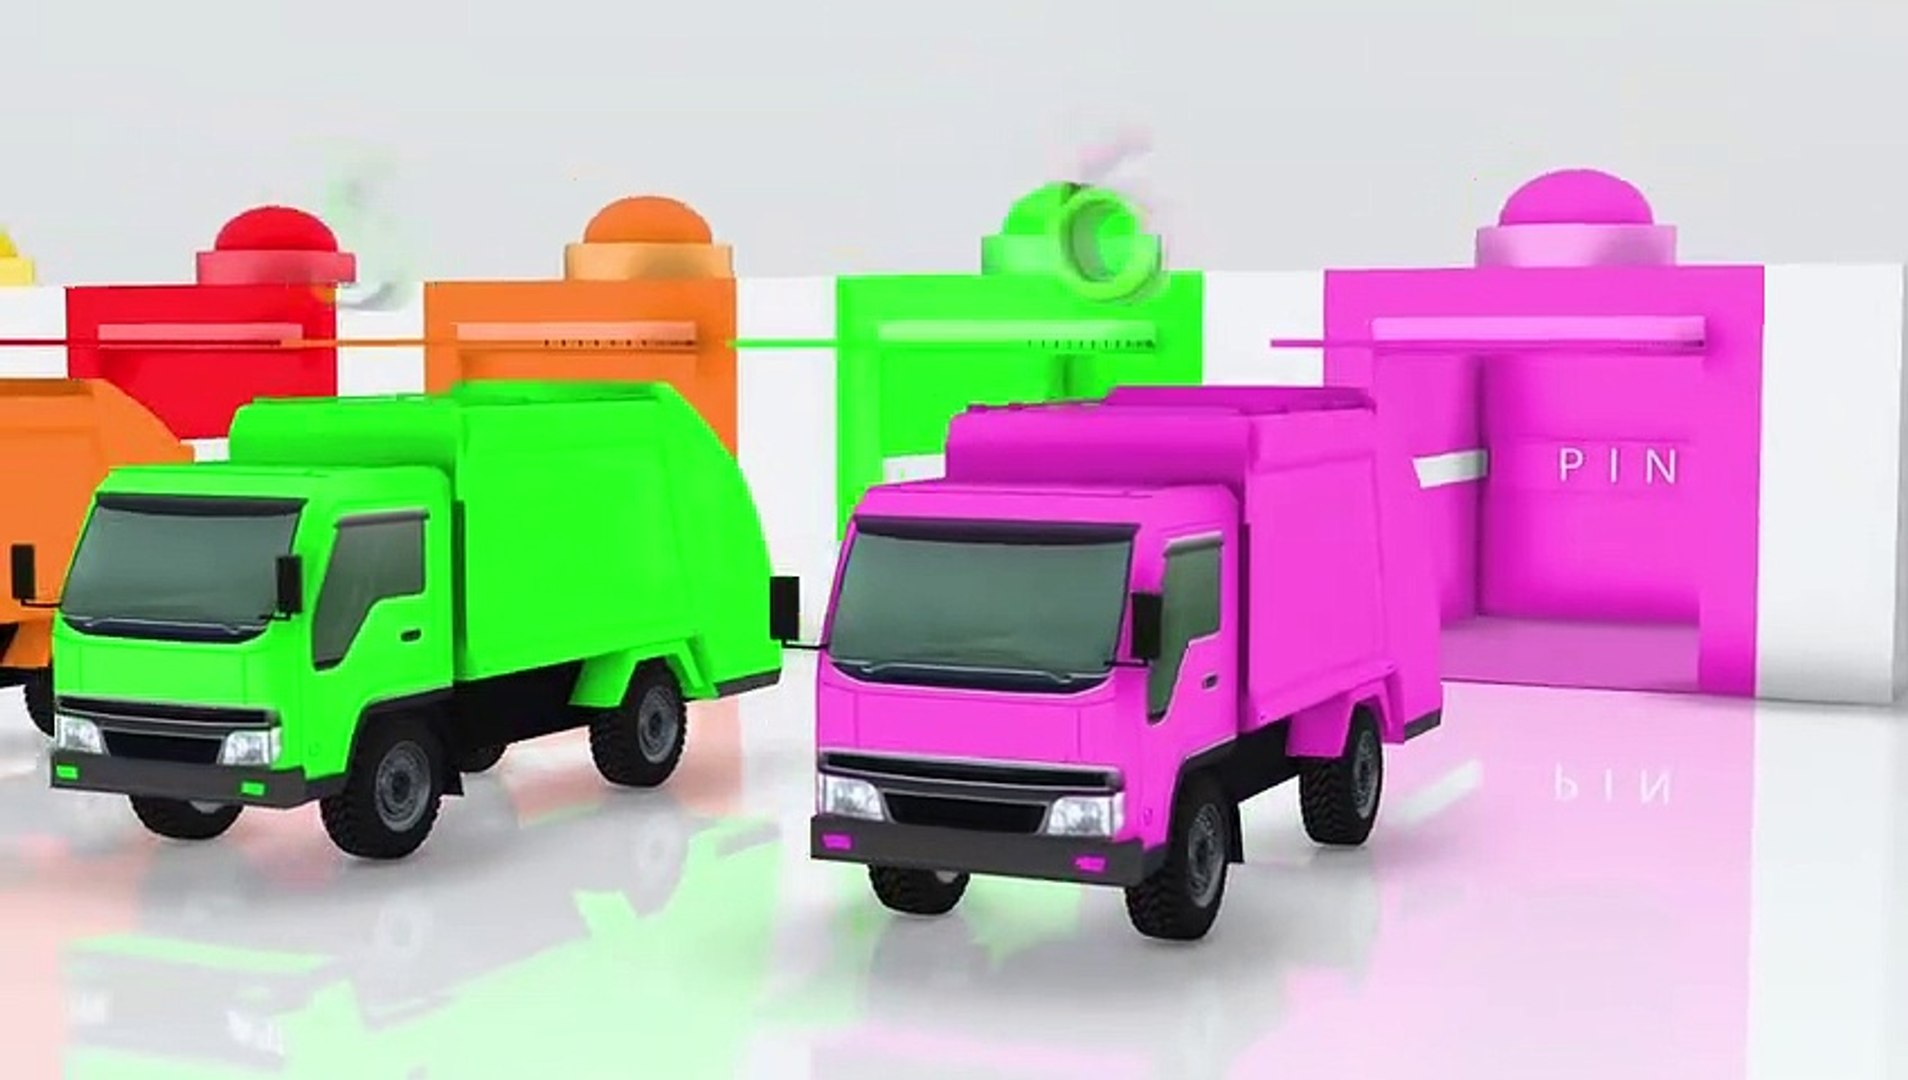 تعلم الألوان للأطفال مع شاحنات القمامة 3D المركبات - السيارات الألوان للأطفال - تعلم الفيديو